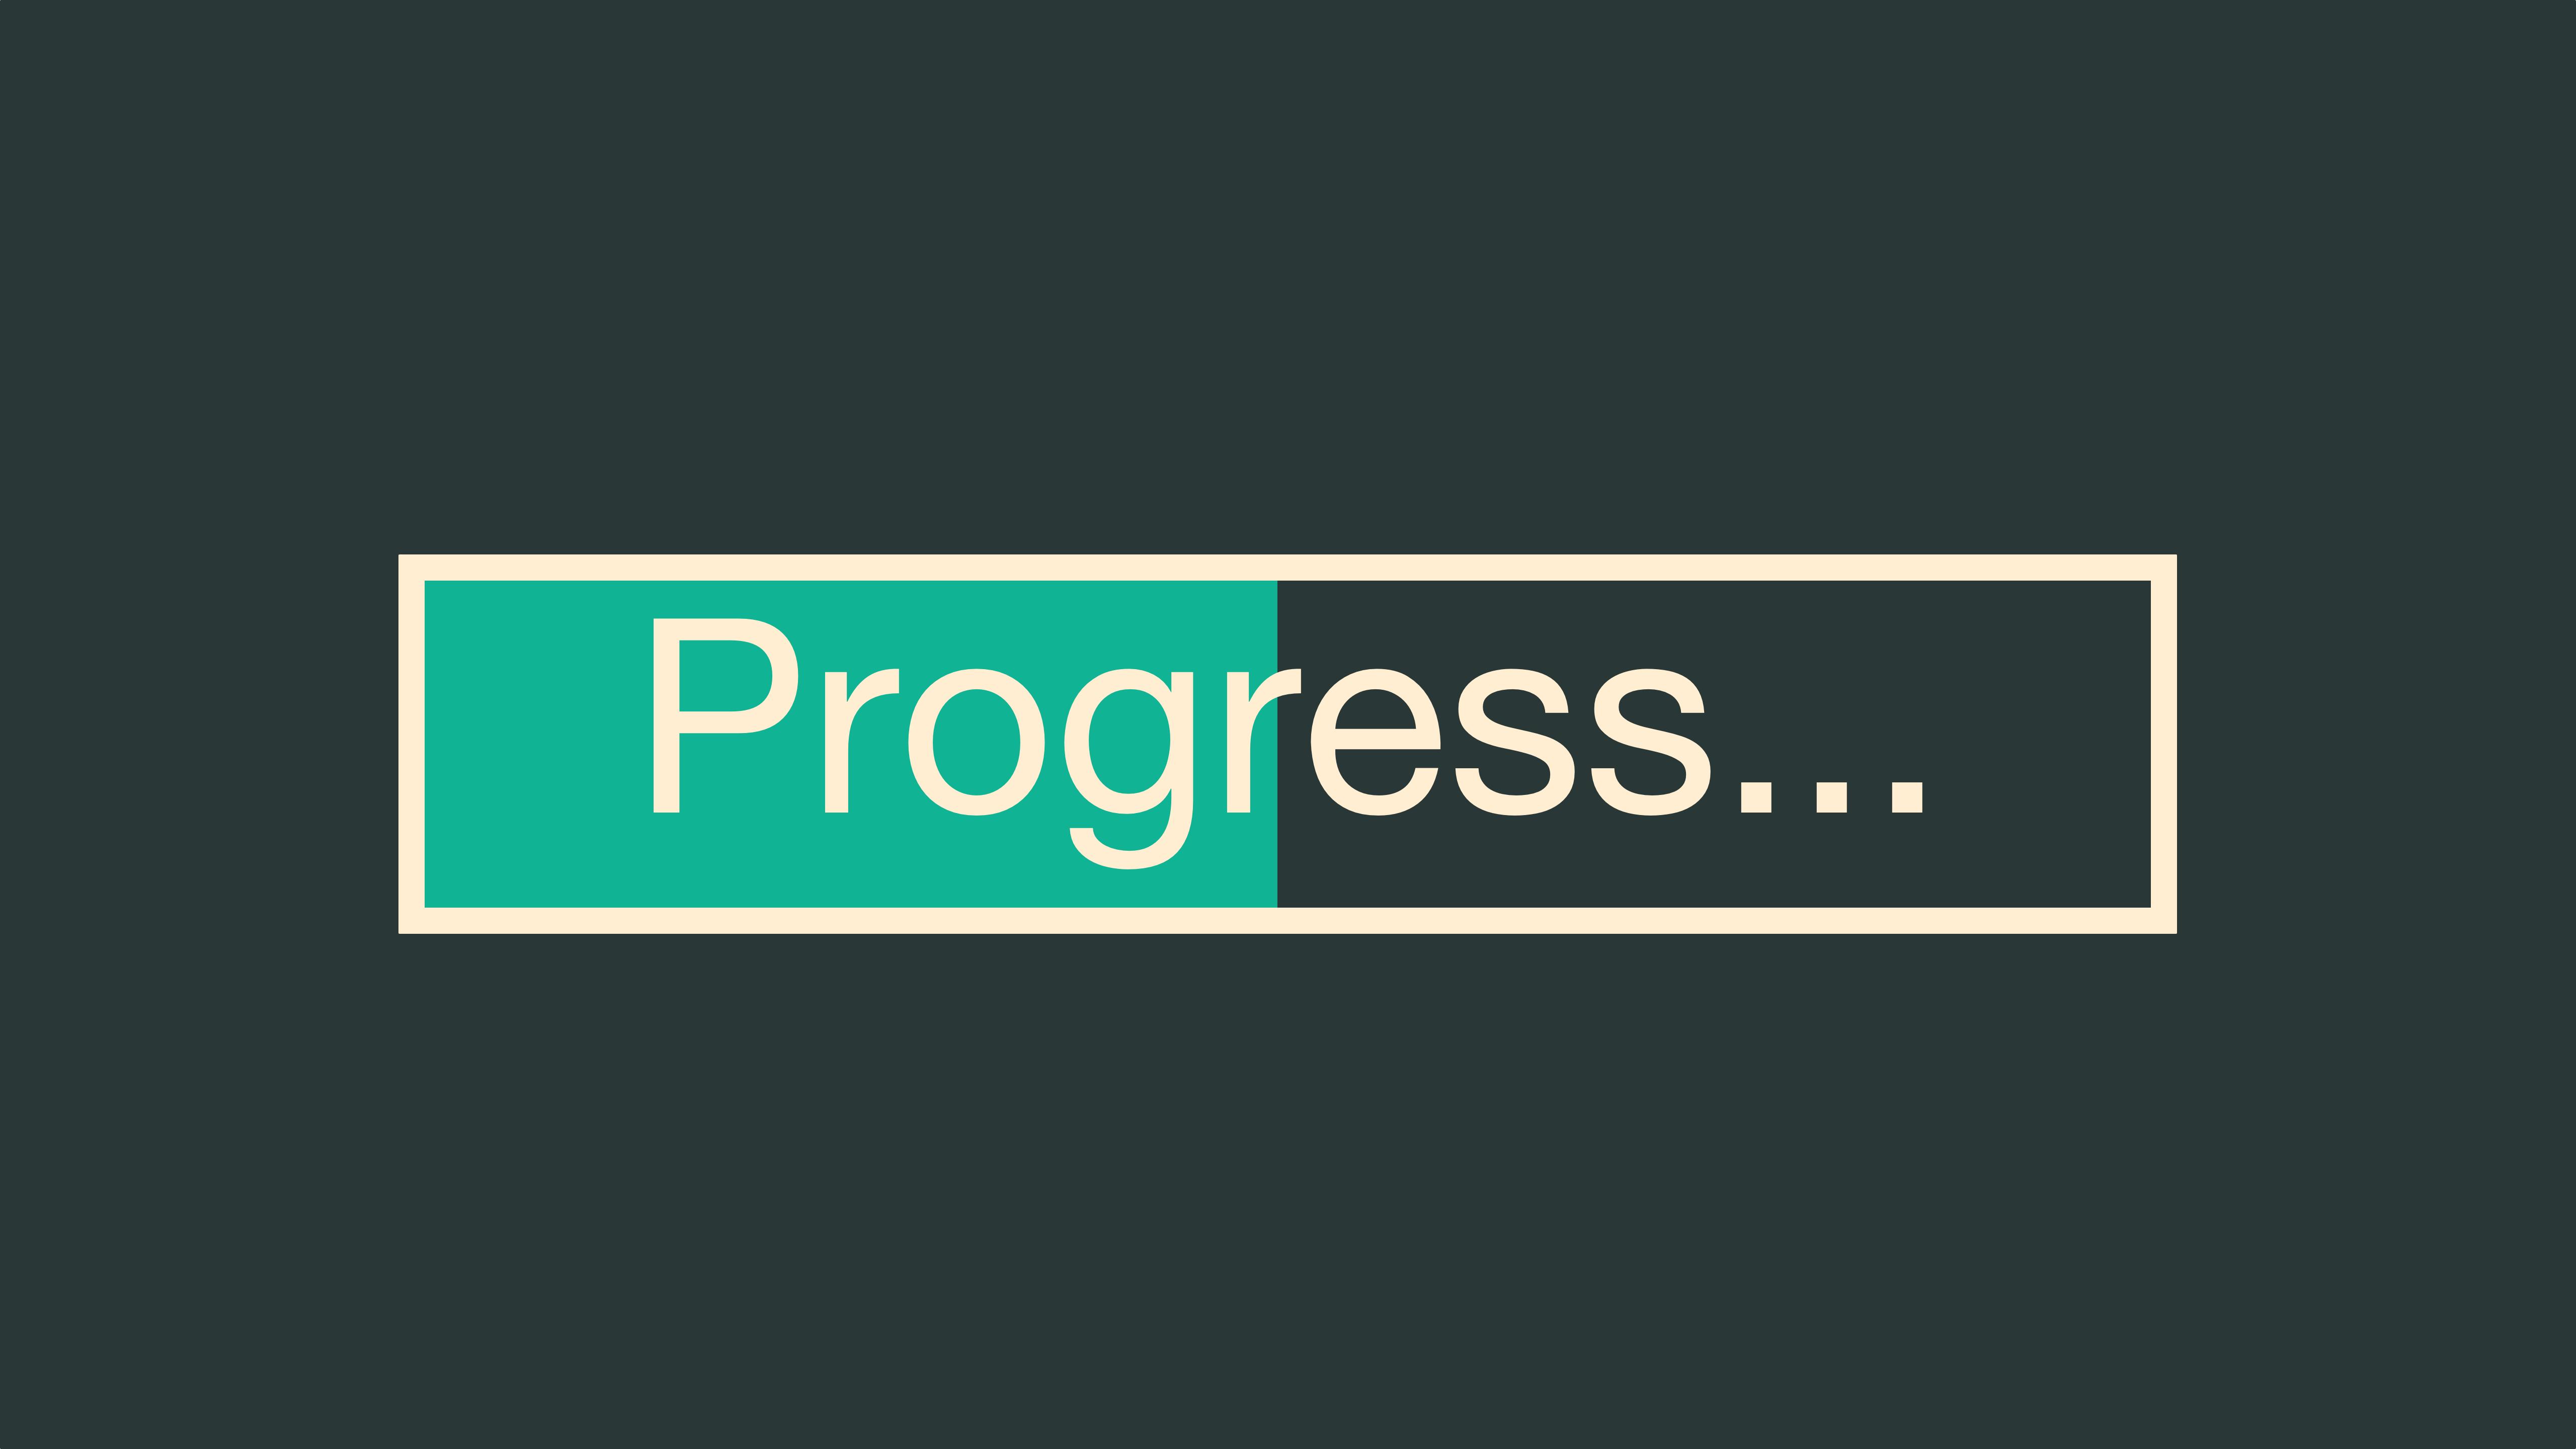 Progress Bar 5K Wallpaper